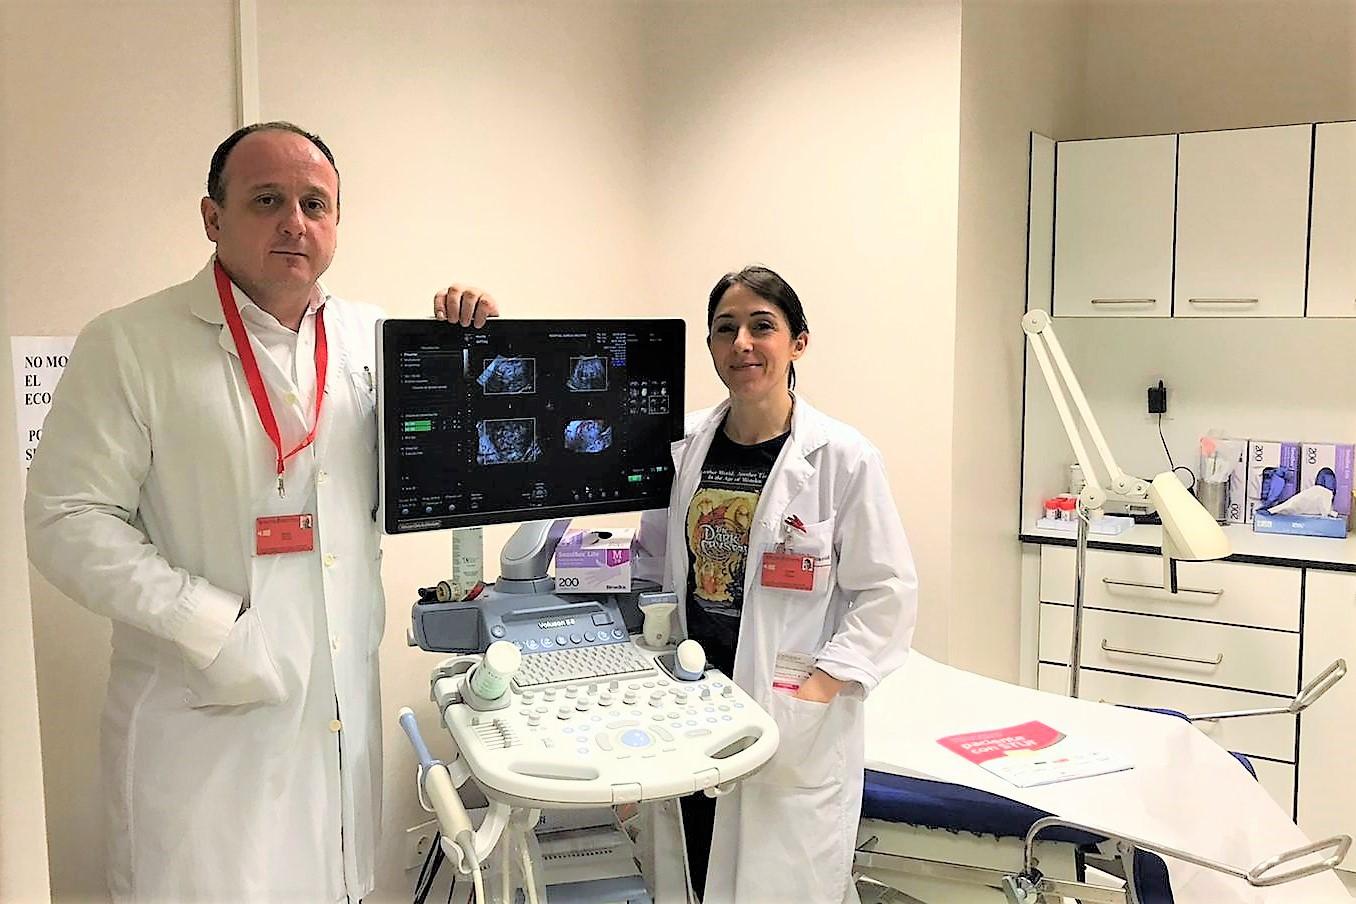 La Dra. Patricia Díaz Ortega, del servicio de Obstetricia y Ginecología del Hospital García Orcoyen de Estella-Lizarra, junto con el Dr. Manuel García Manero, jefe del Servicio.